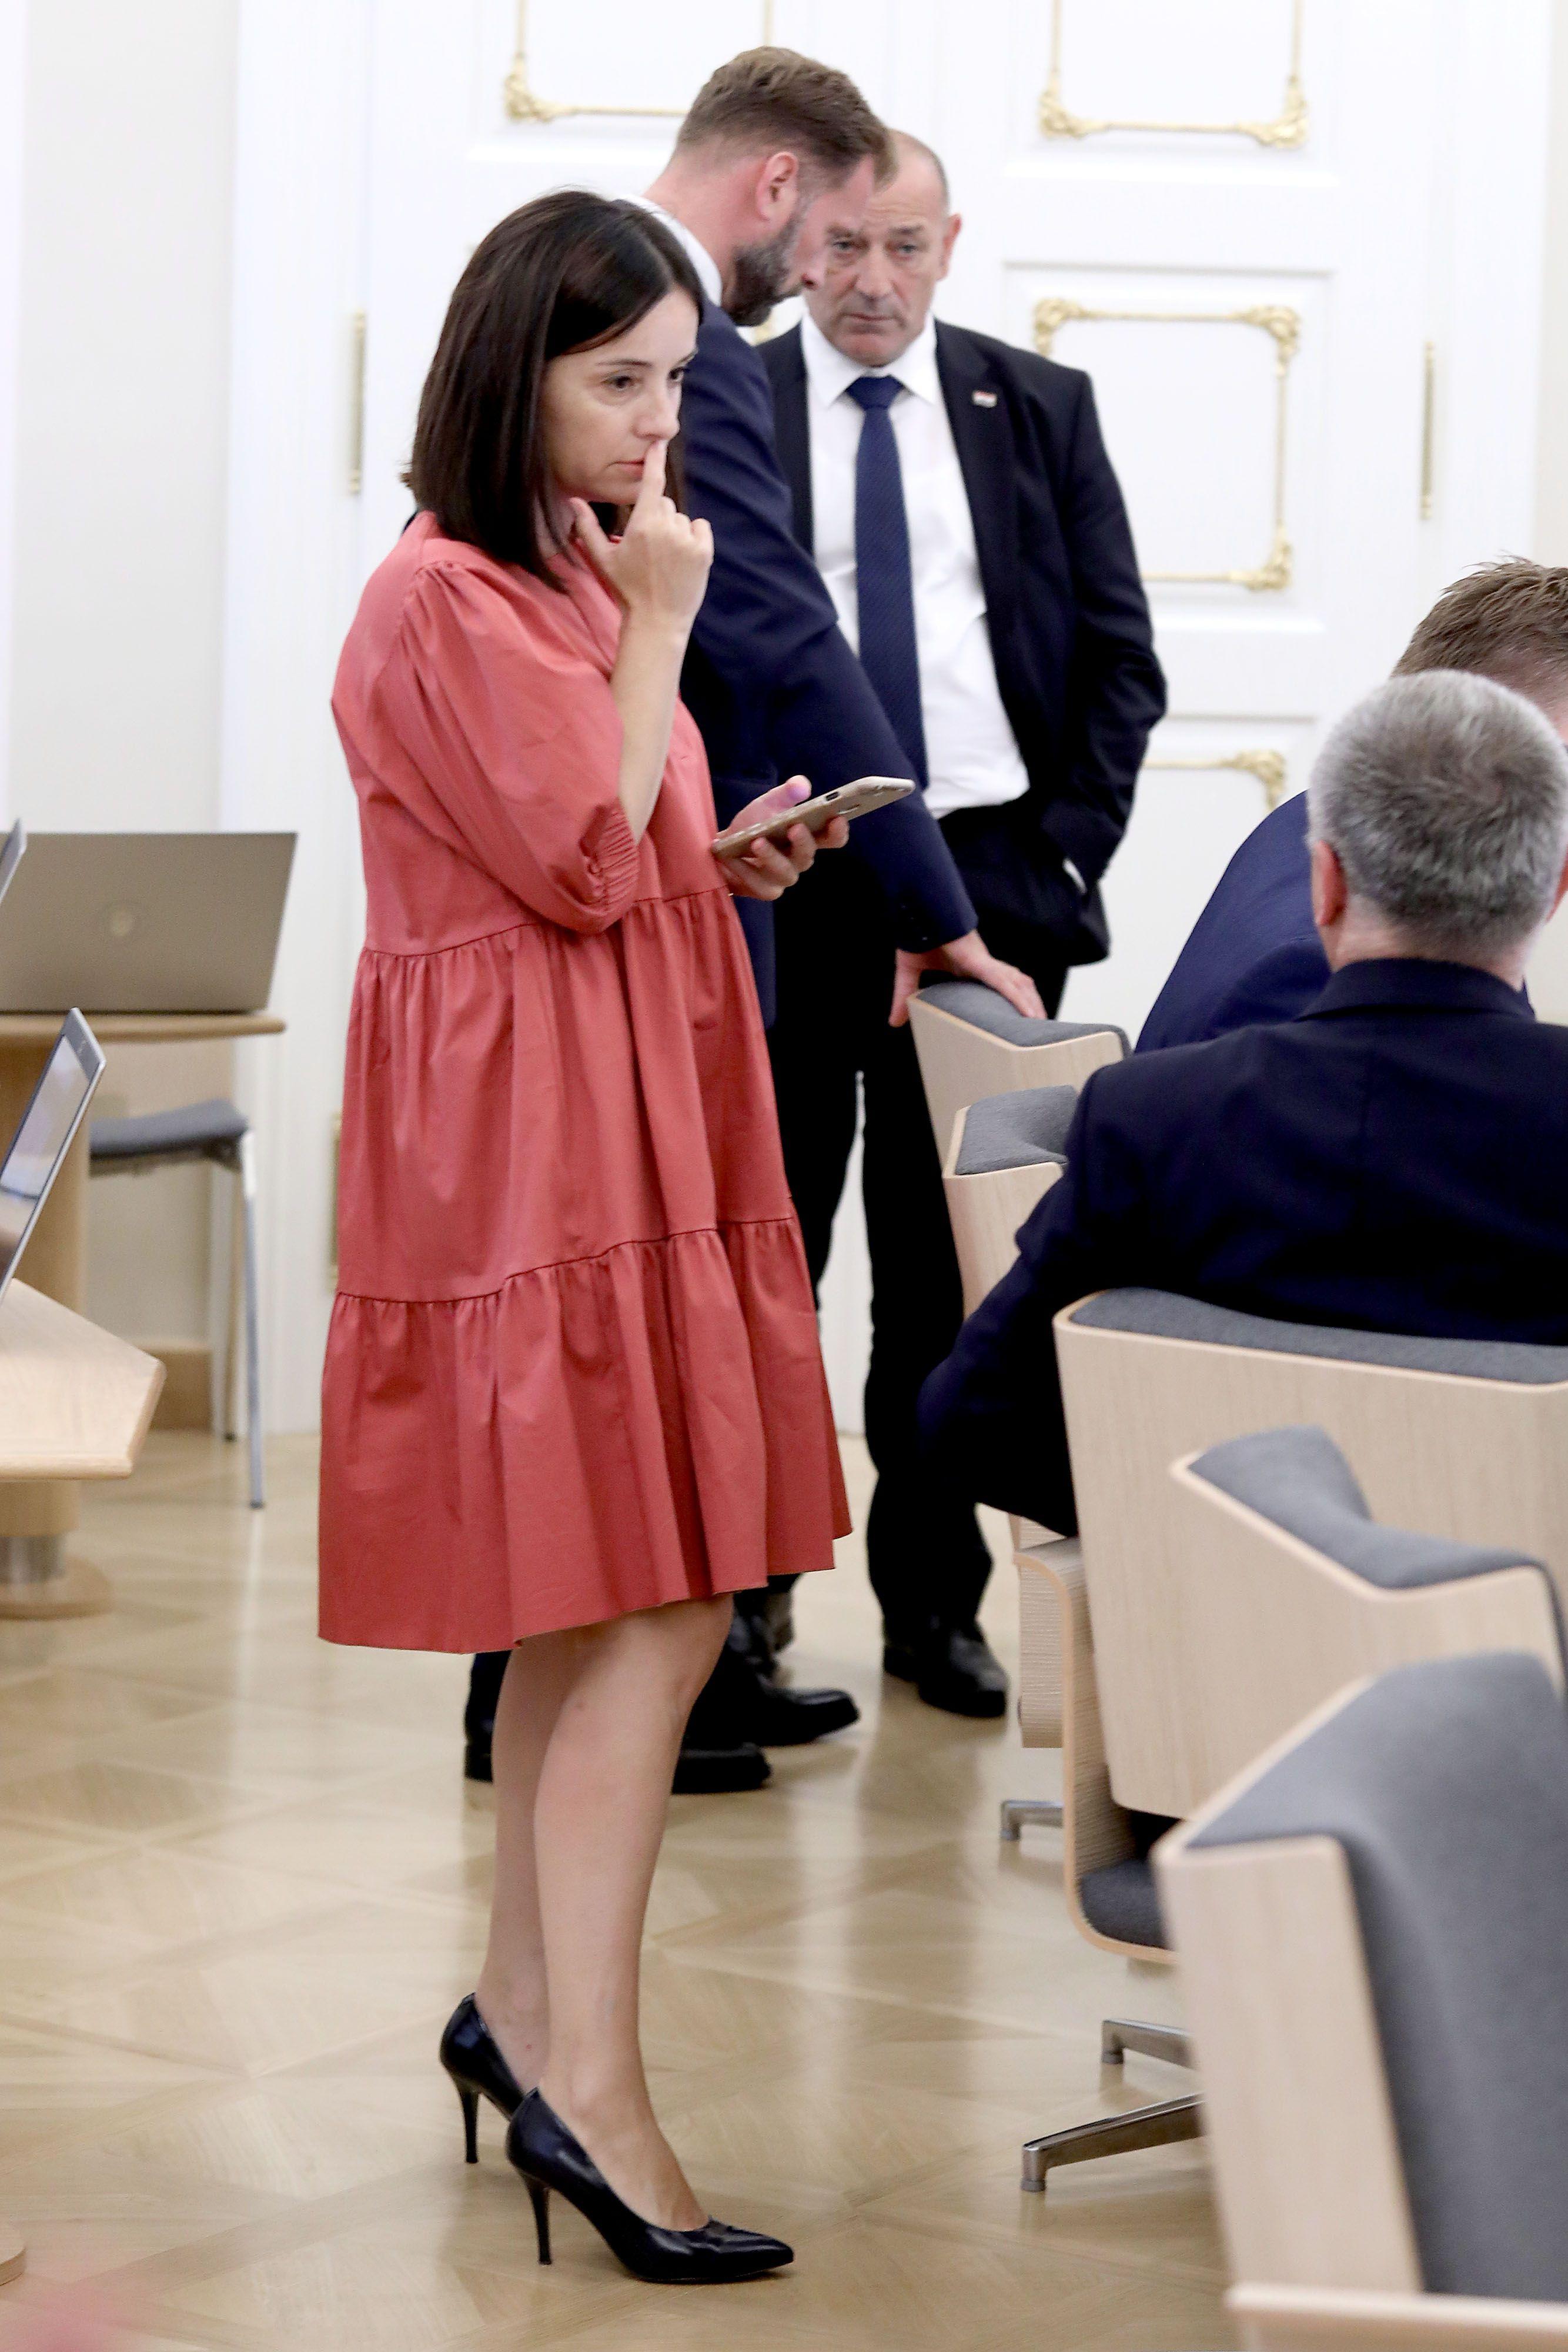 Ministrica Marija Vučković u trendi haljini istaknula se među tamnim odijelima